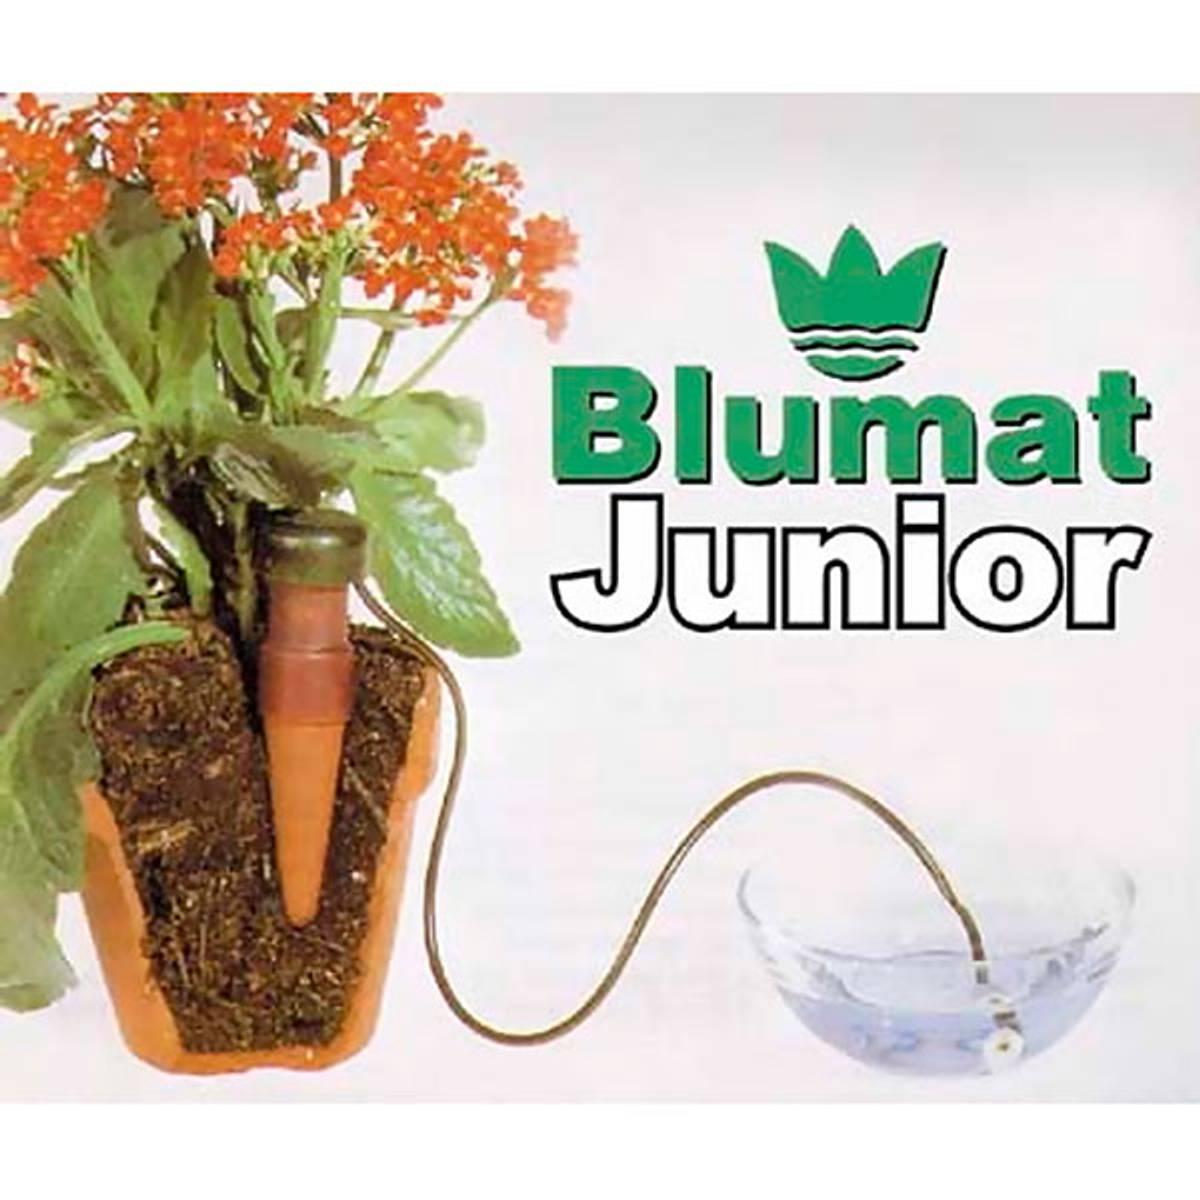 Blumat for husplanter